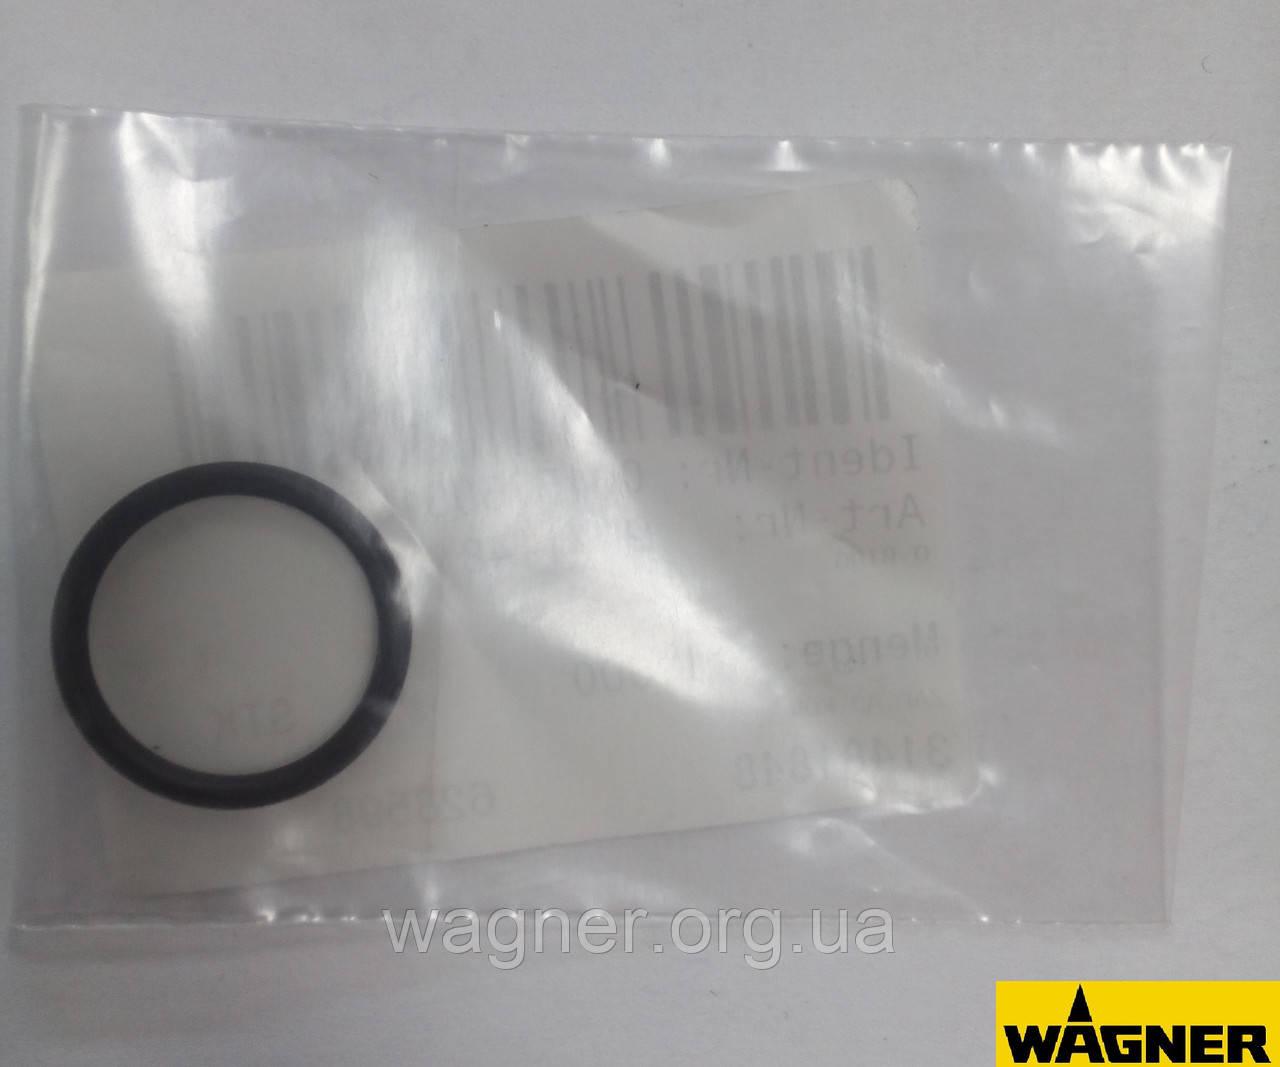 Уплотнительное кольцо O-ring для Wagner 7000